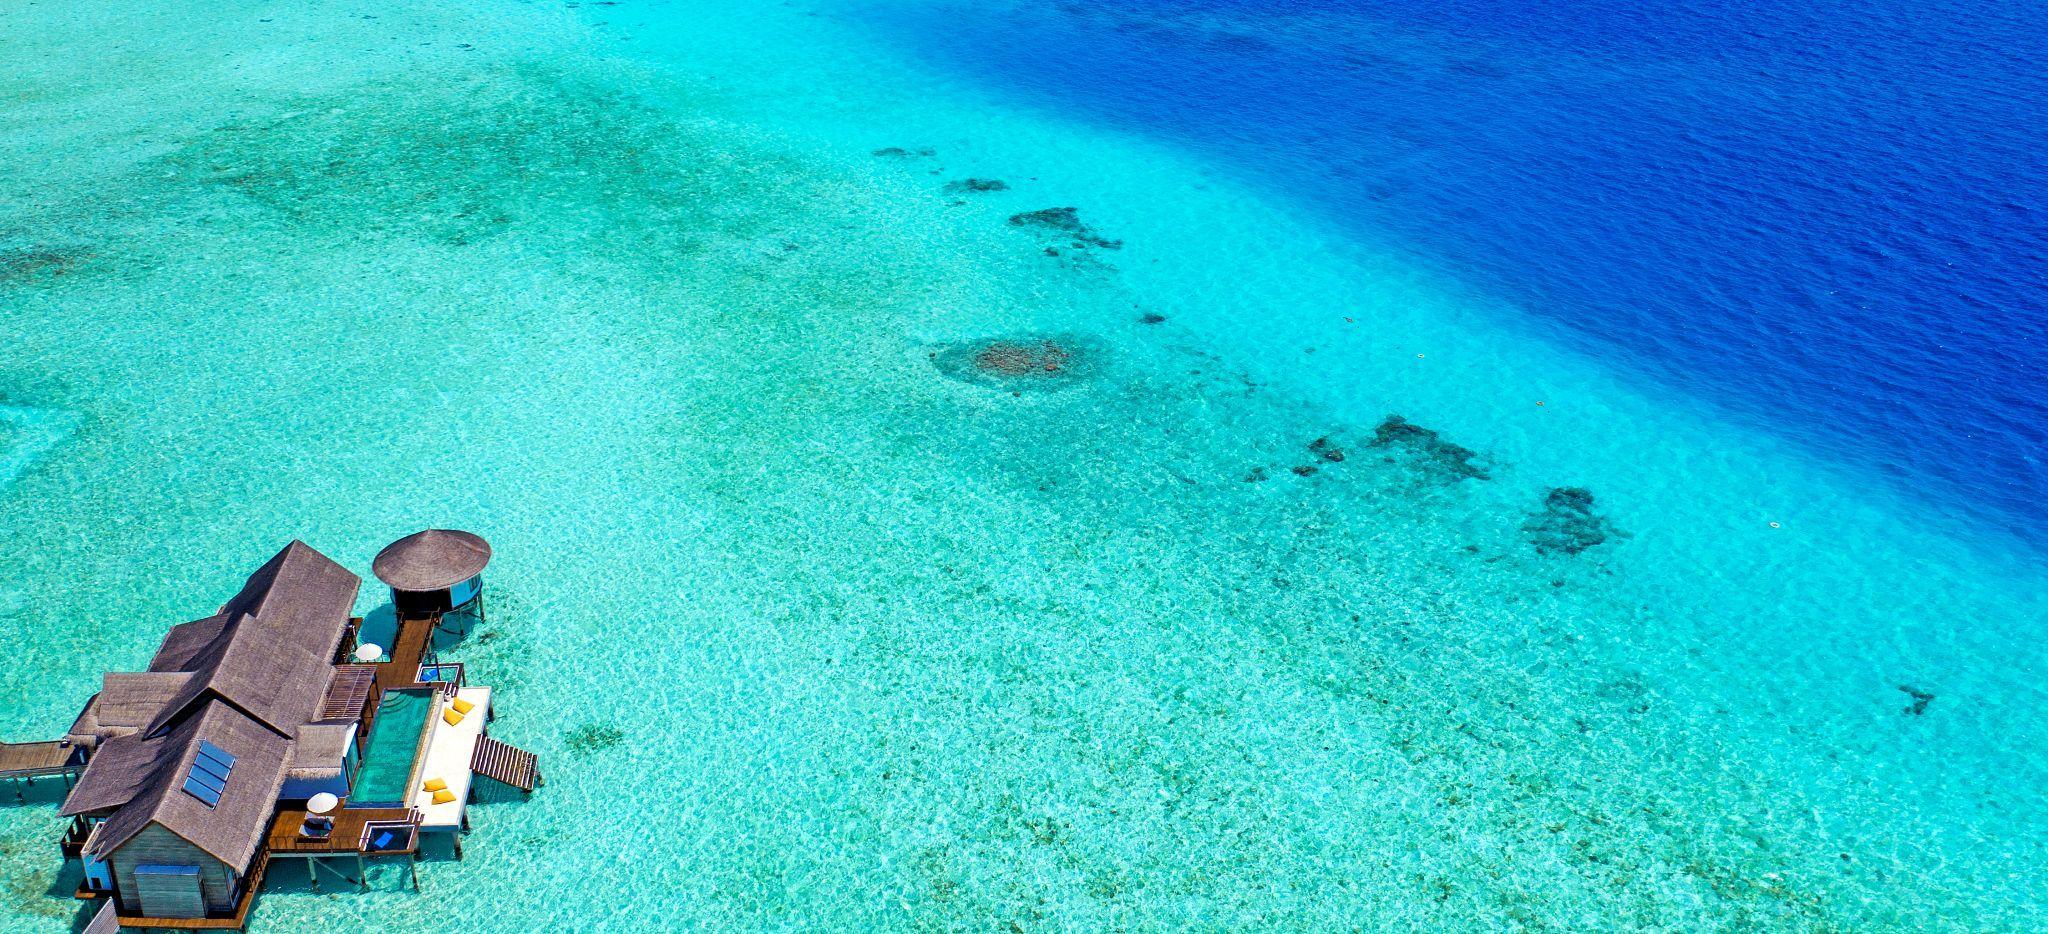 Eine große Wasservilla umgeben von flachem, türkisblauem Meer, vor der Insel Madhoo, Malediven